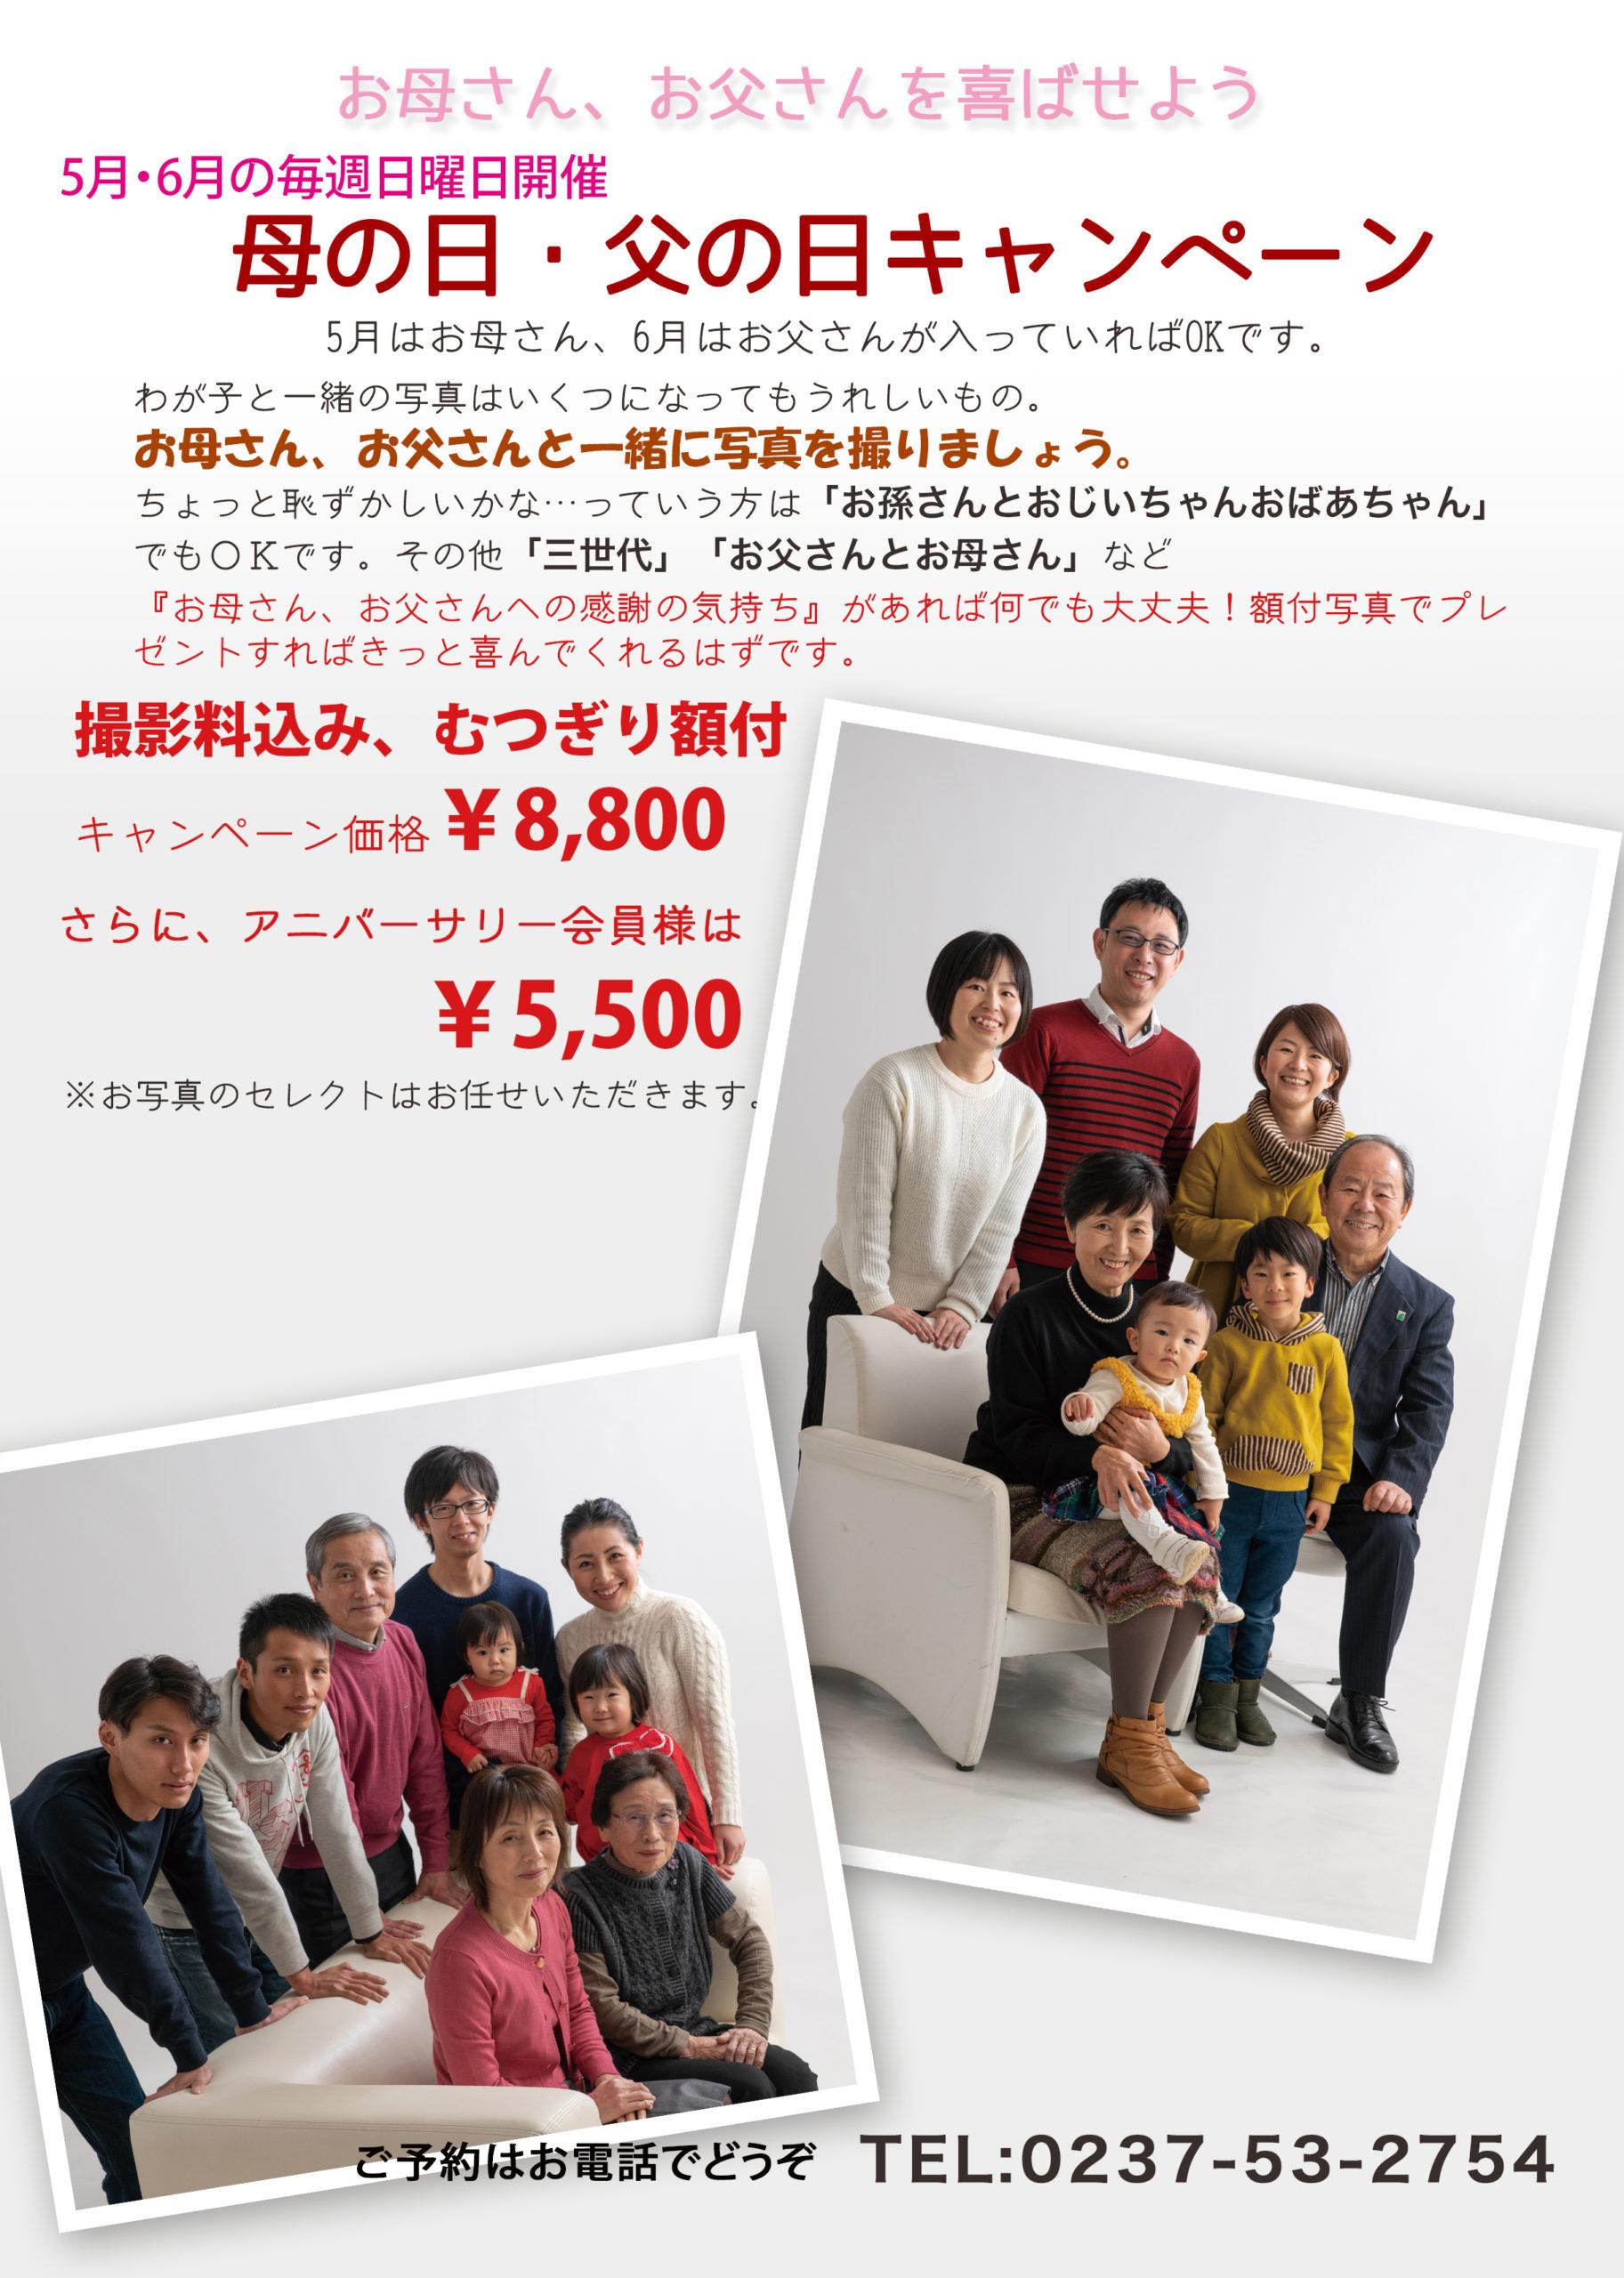 5月の毎週日曜日は『母の日キャンペーン』